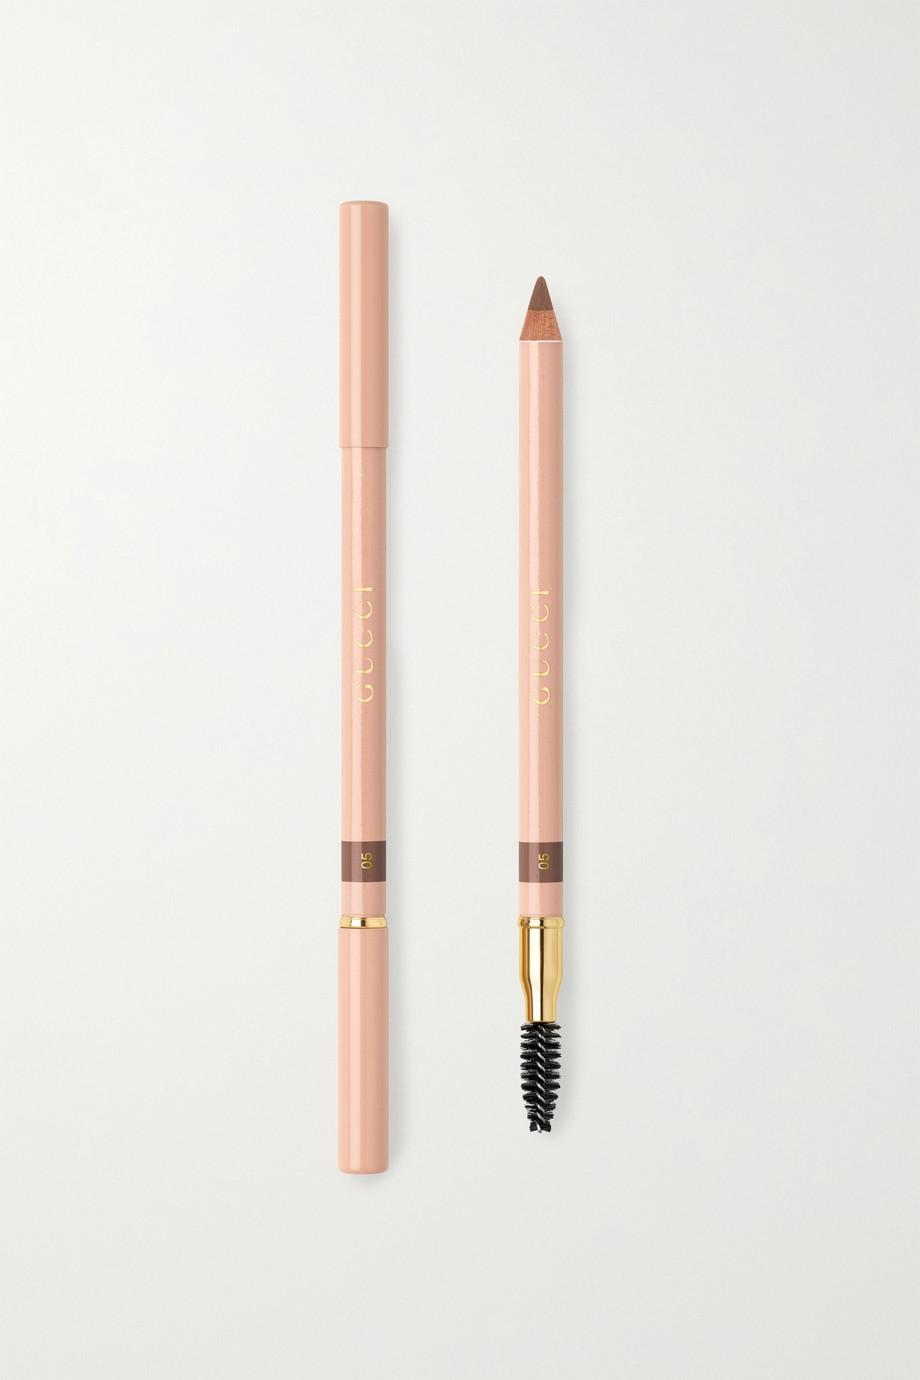 Gucci Beauty Powder Eyebrow Pencil - Auburn